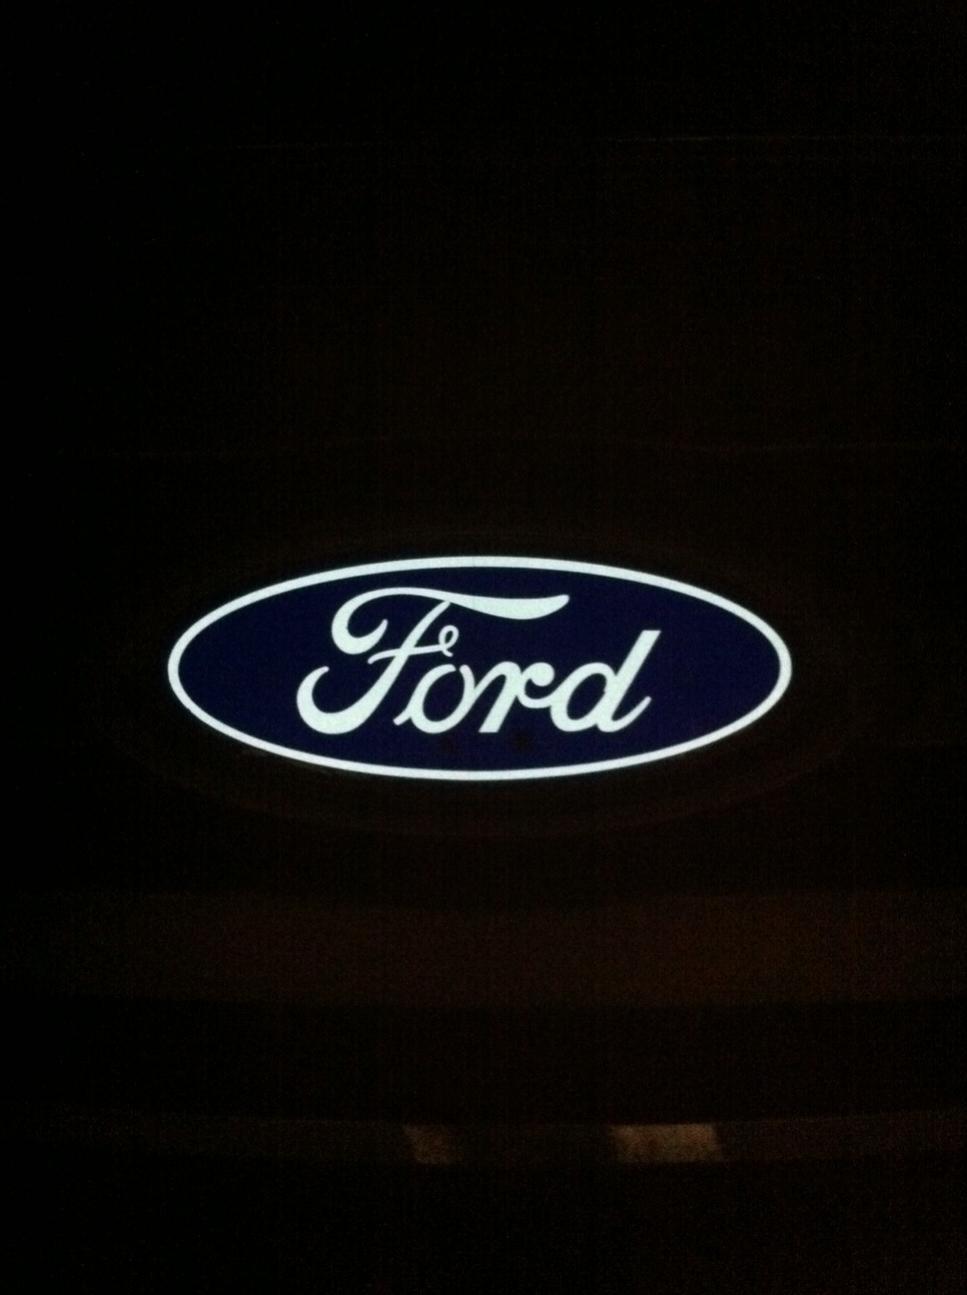 Front Emblem Mod-ford2.jpg